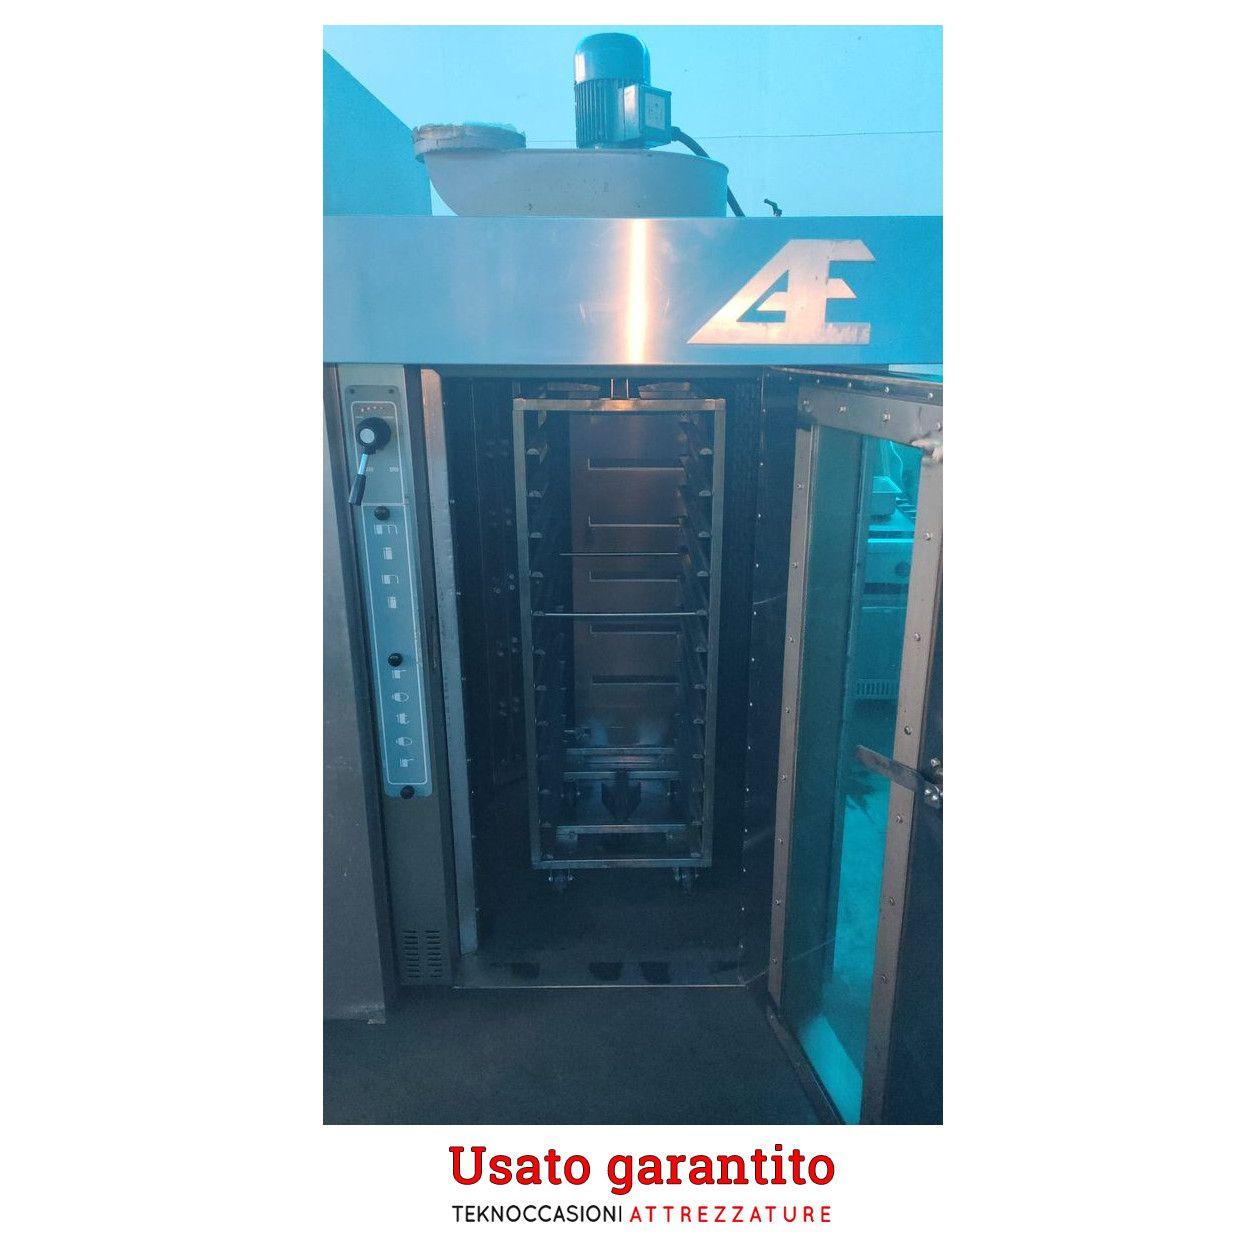 Forno a gas Mini Rotor 12 teglie usato garantito